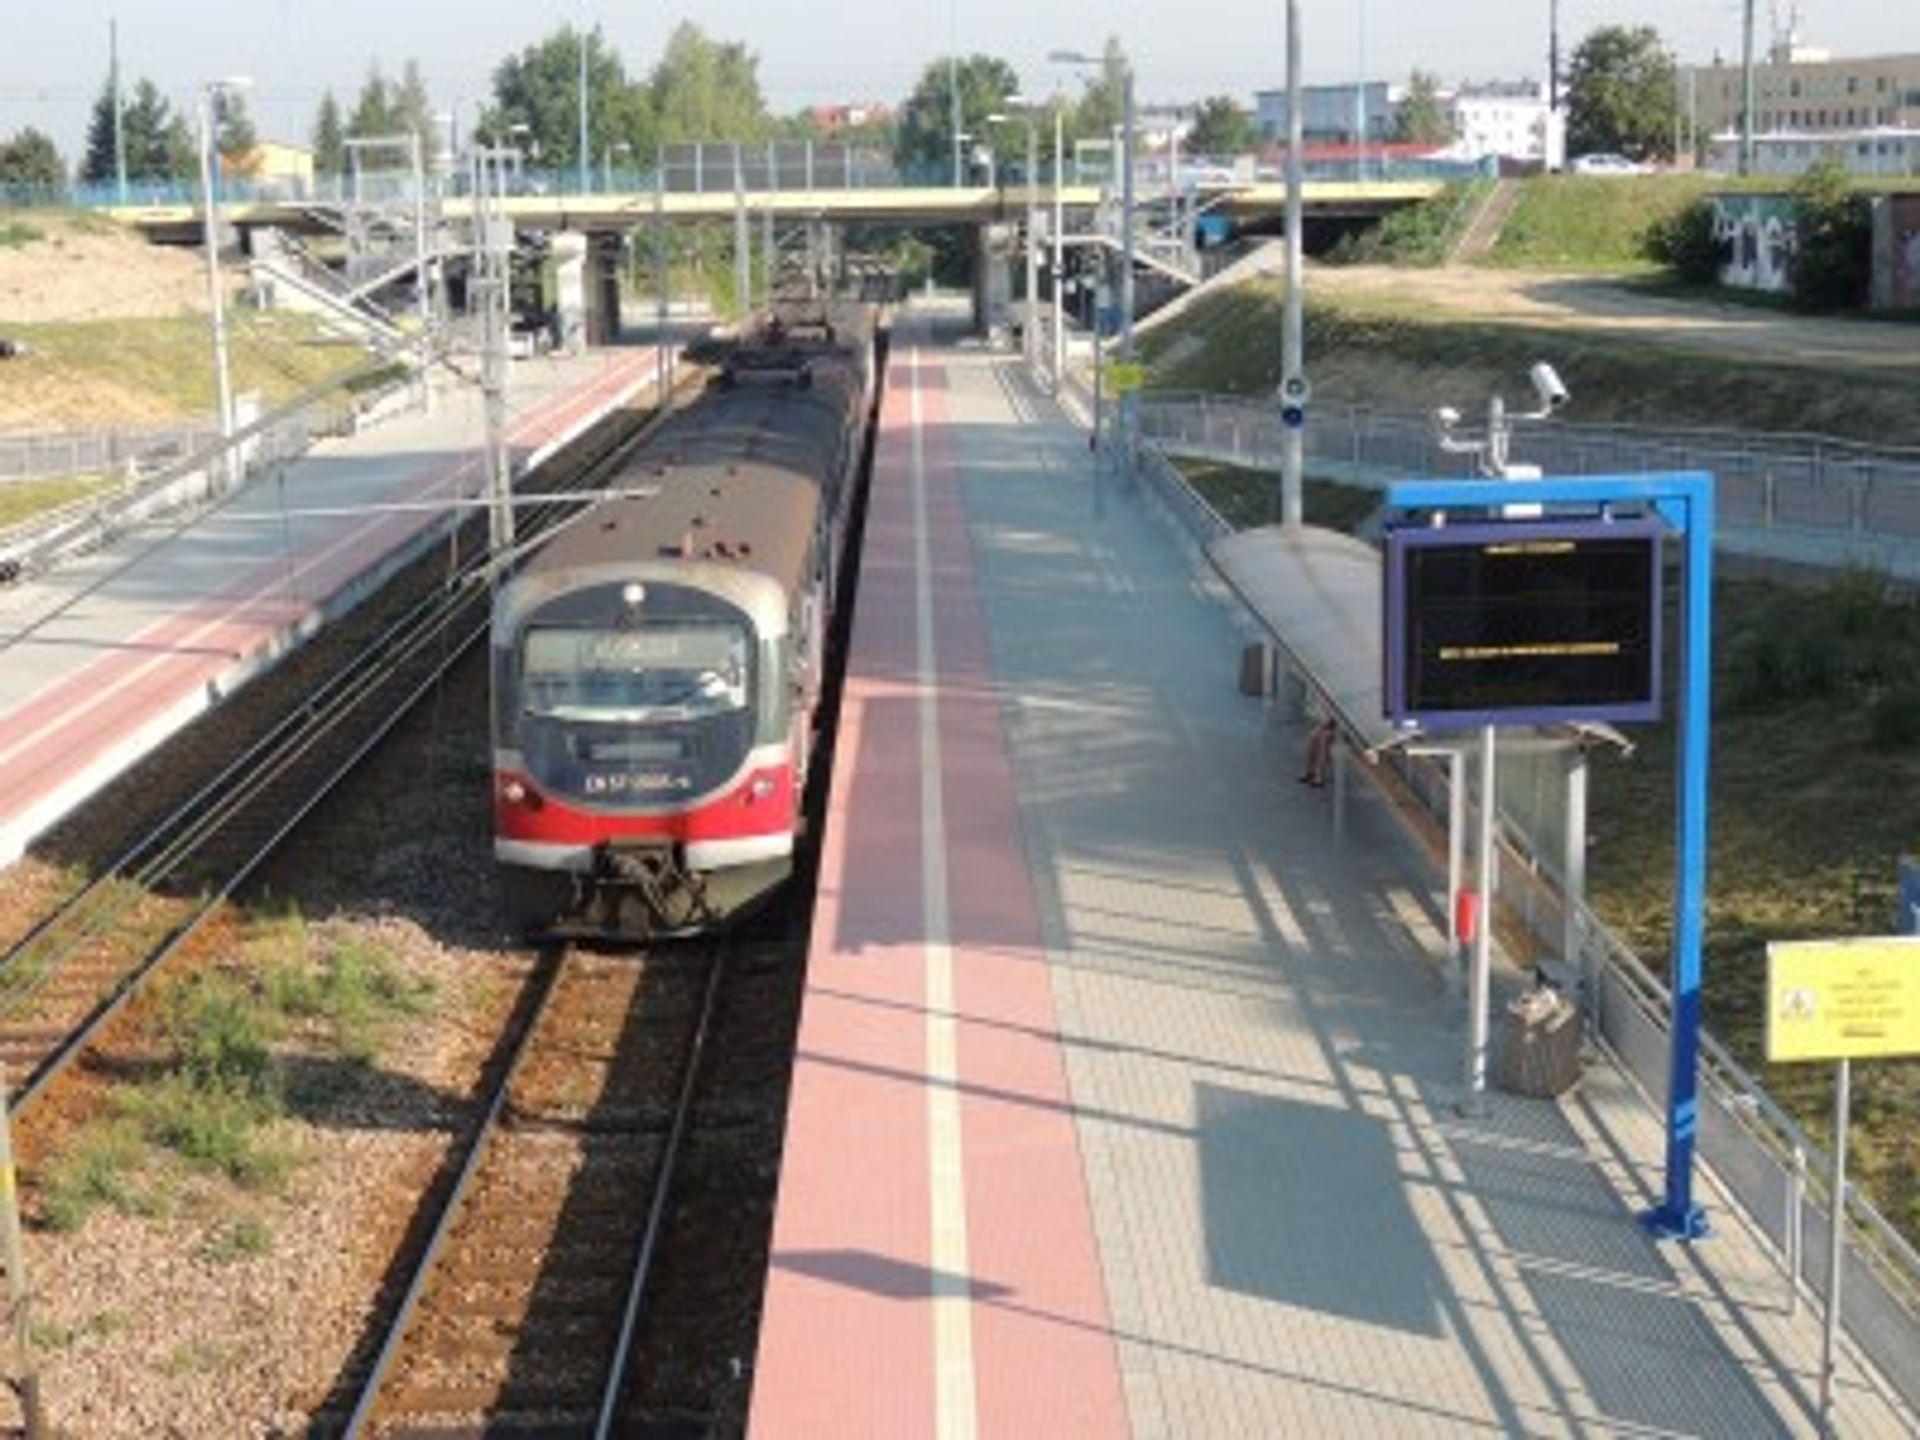 [śląskie] Nowe przystanki kolejowe w Tychach